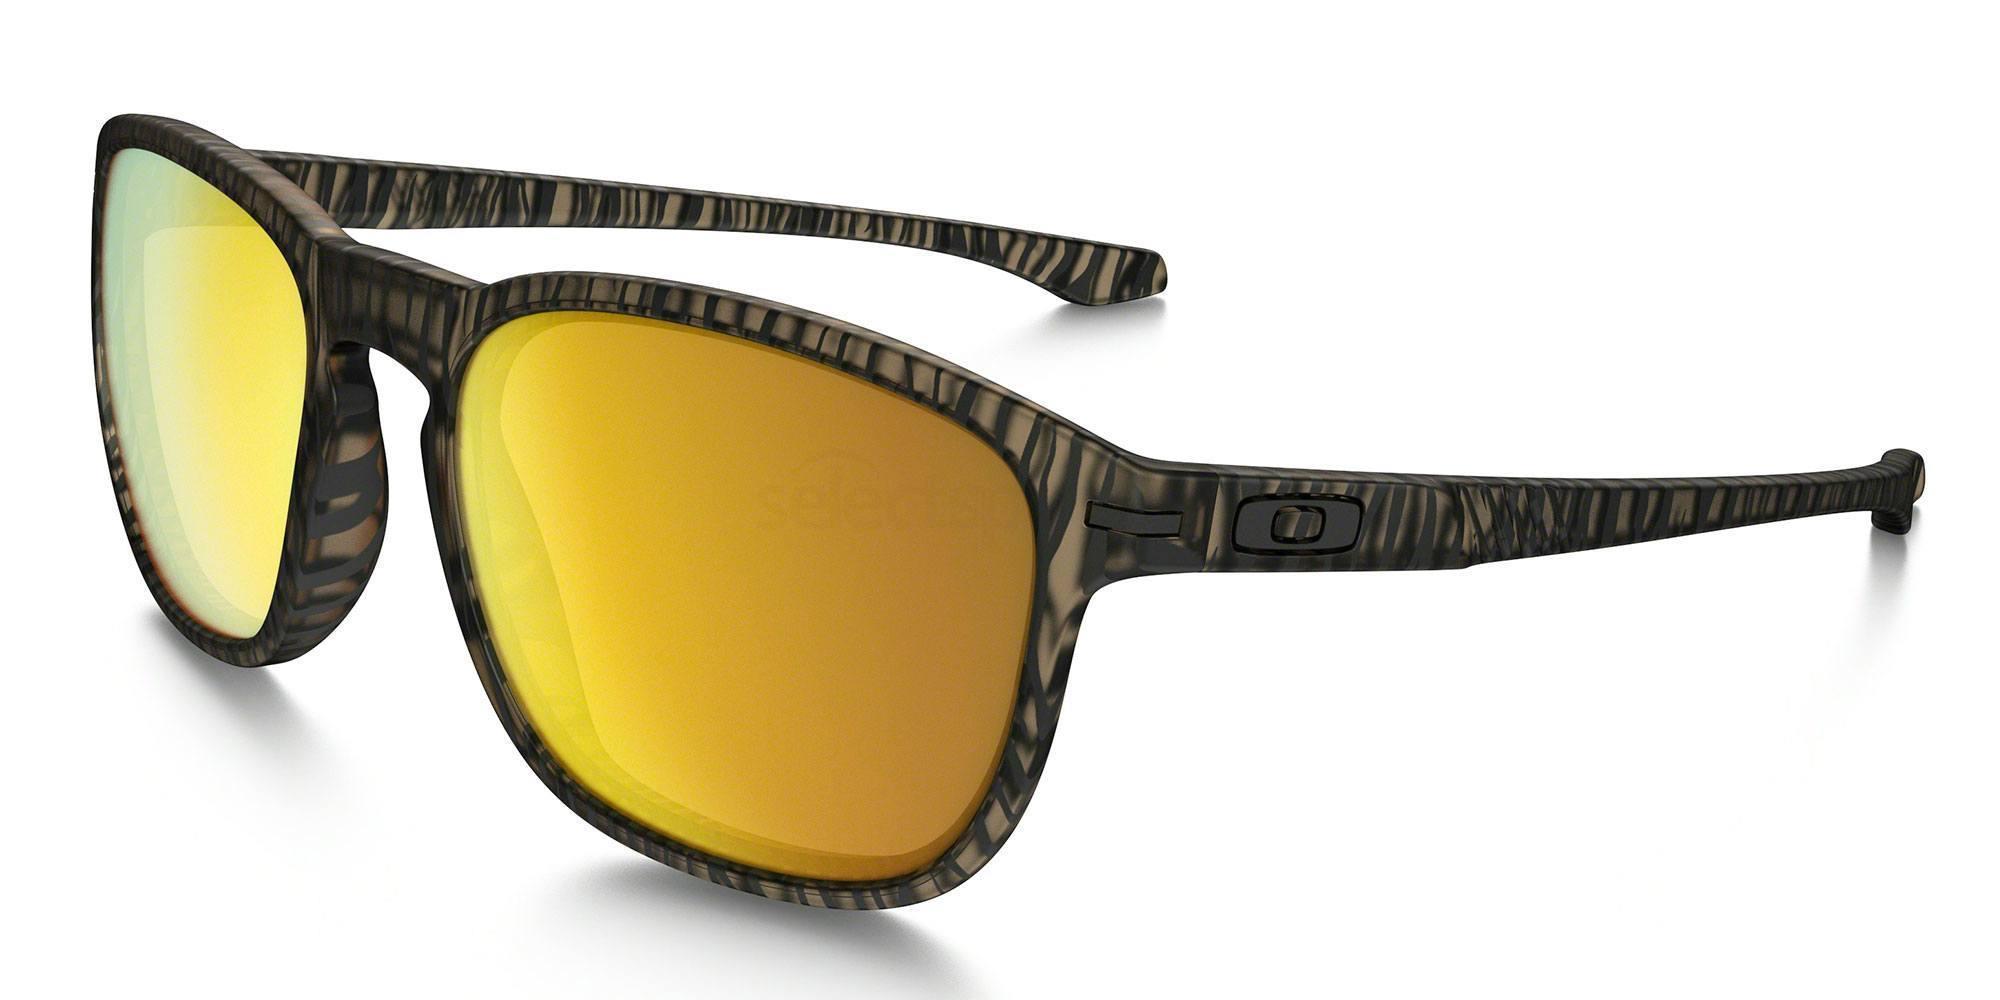 Oakley_Prescription_Sunglasses_for_gaming